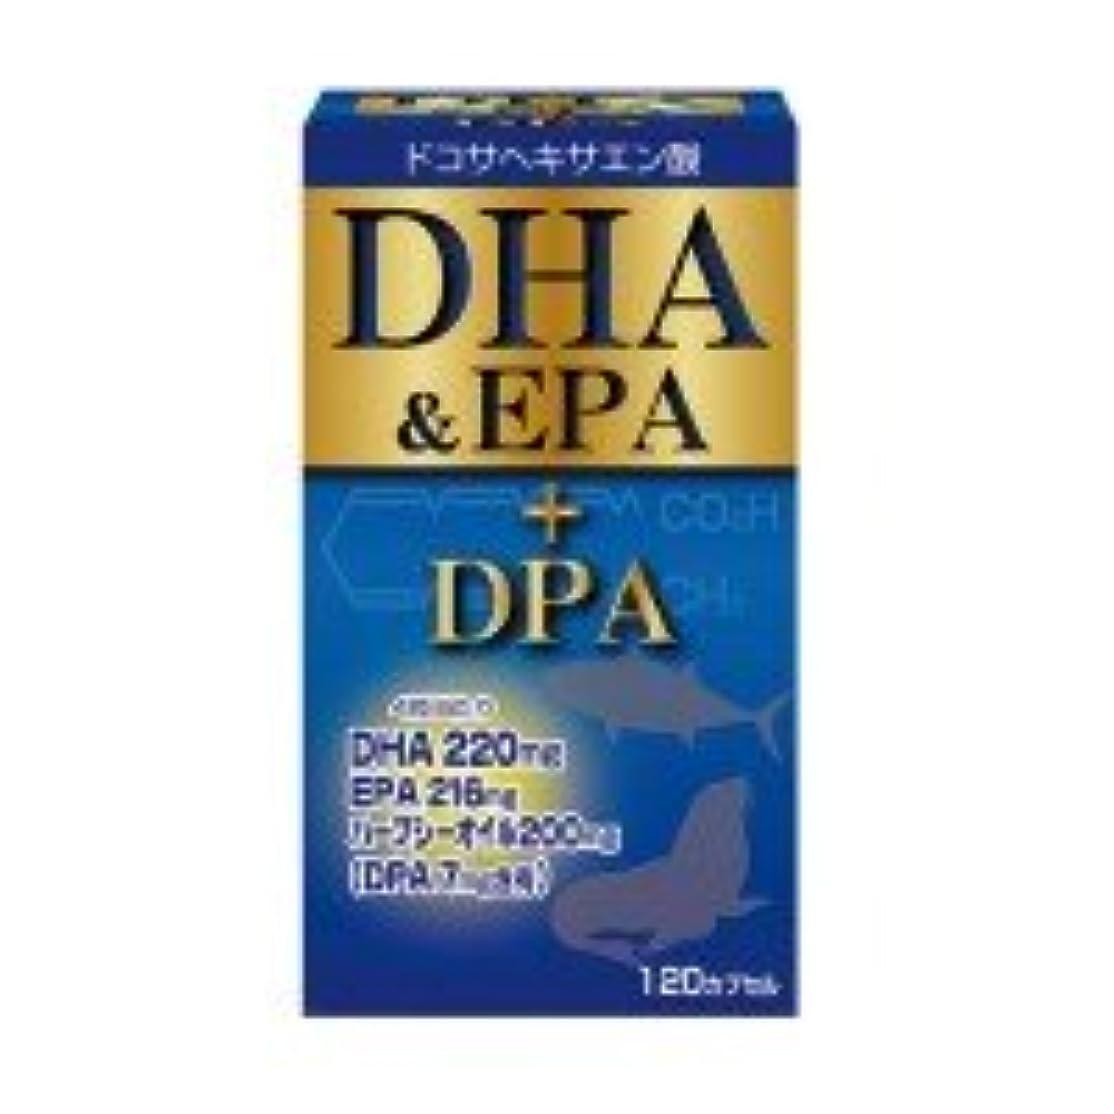 マーティフィールディング降伏サーカスユーワ DHA&EPA+DPA 120カプセル (品番:3091)